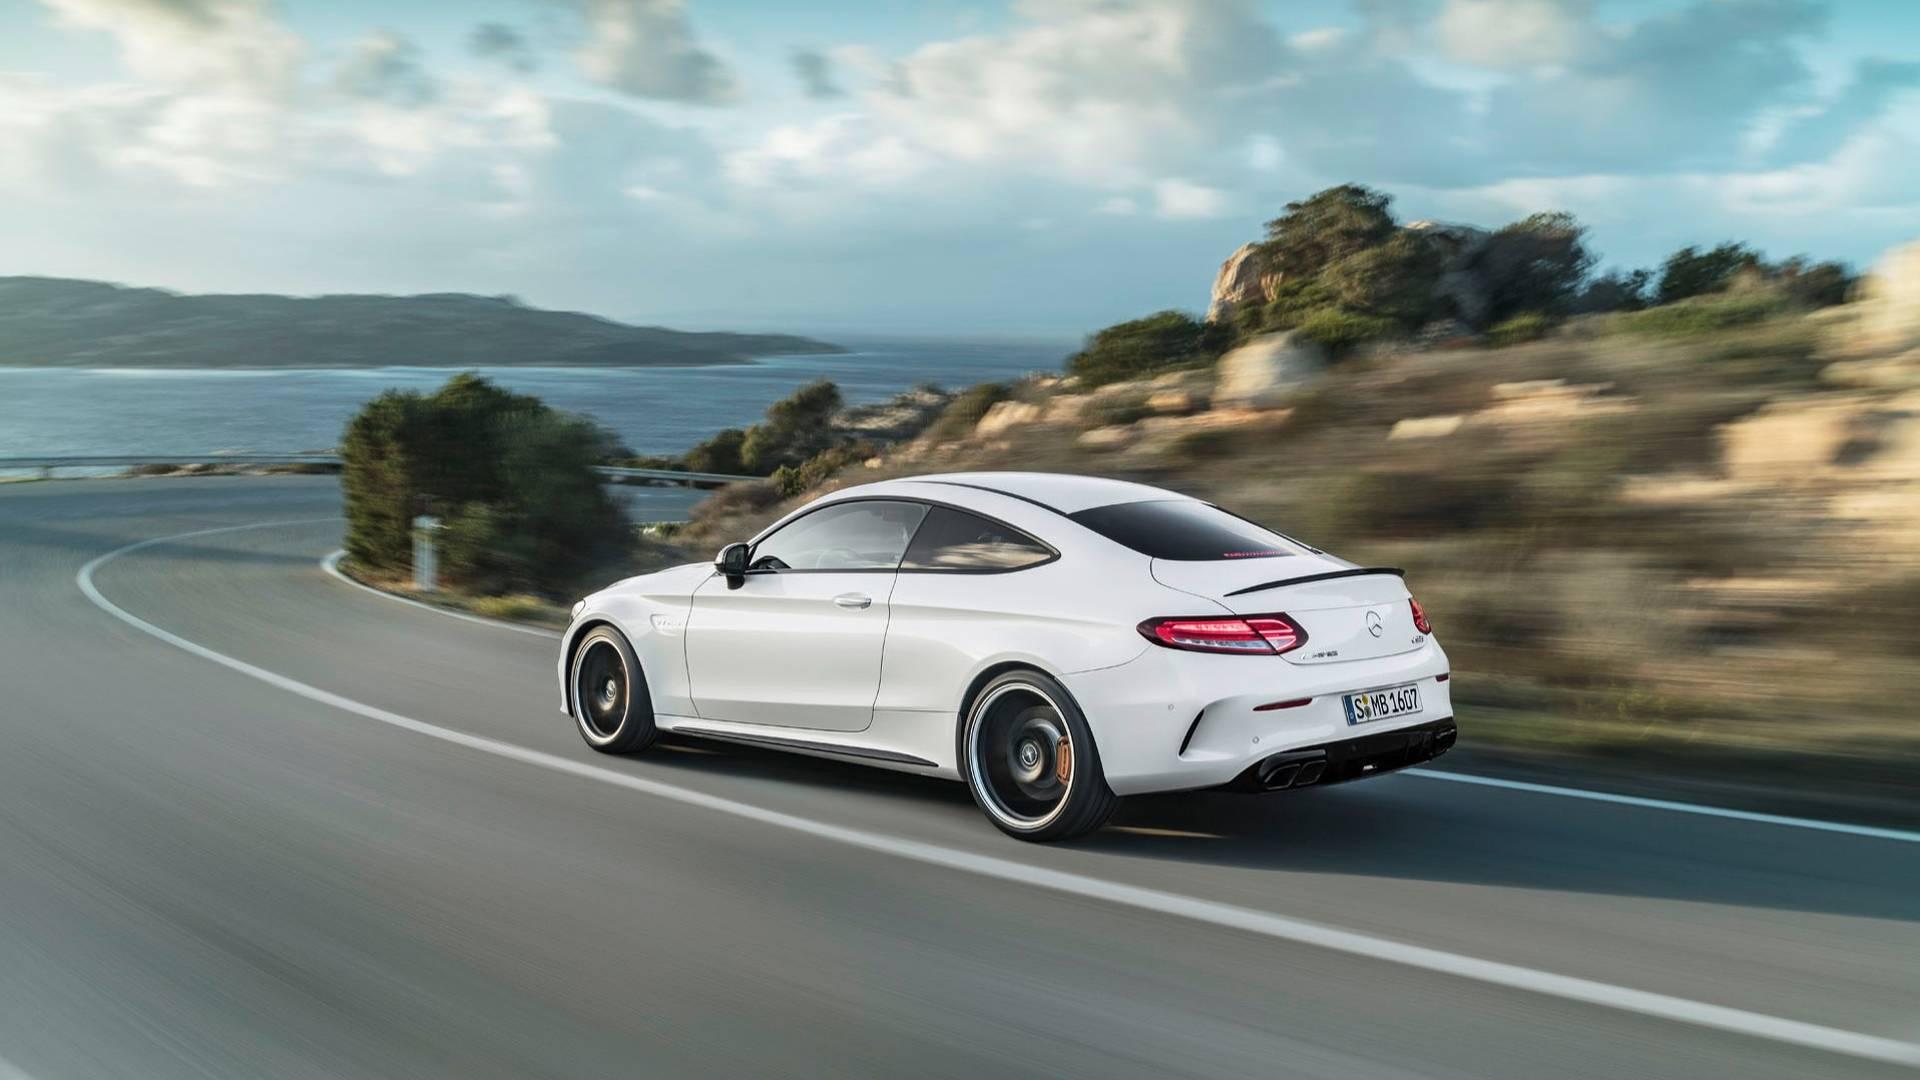 Mercedes-AMG C63 получит полный привод 2